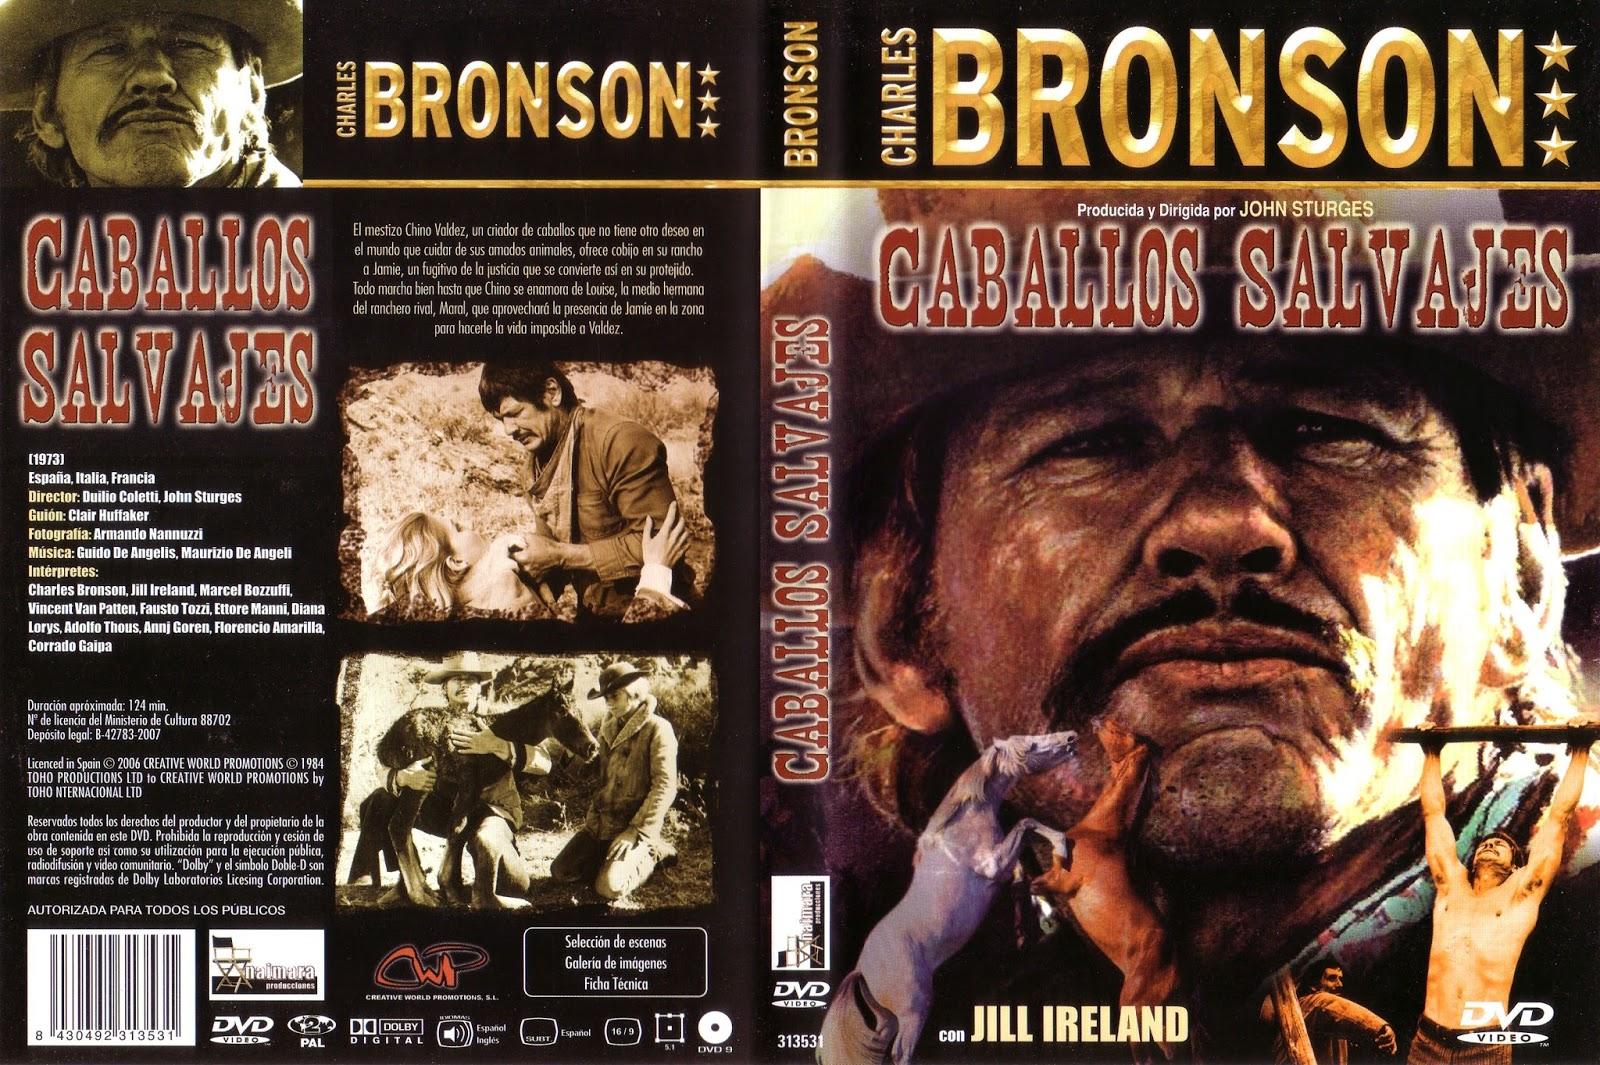 Caballos salvajes (Chino) ( 1973 ) DescargaCineClasico.Net